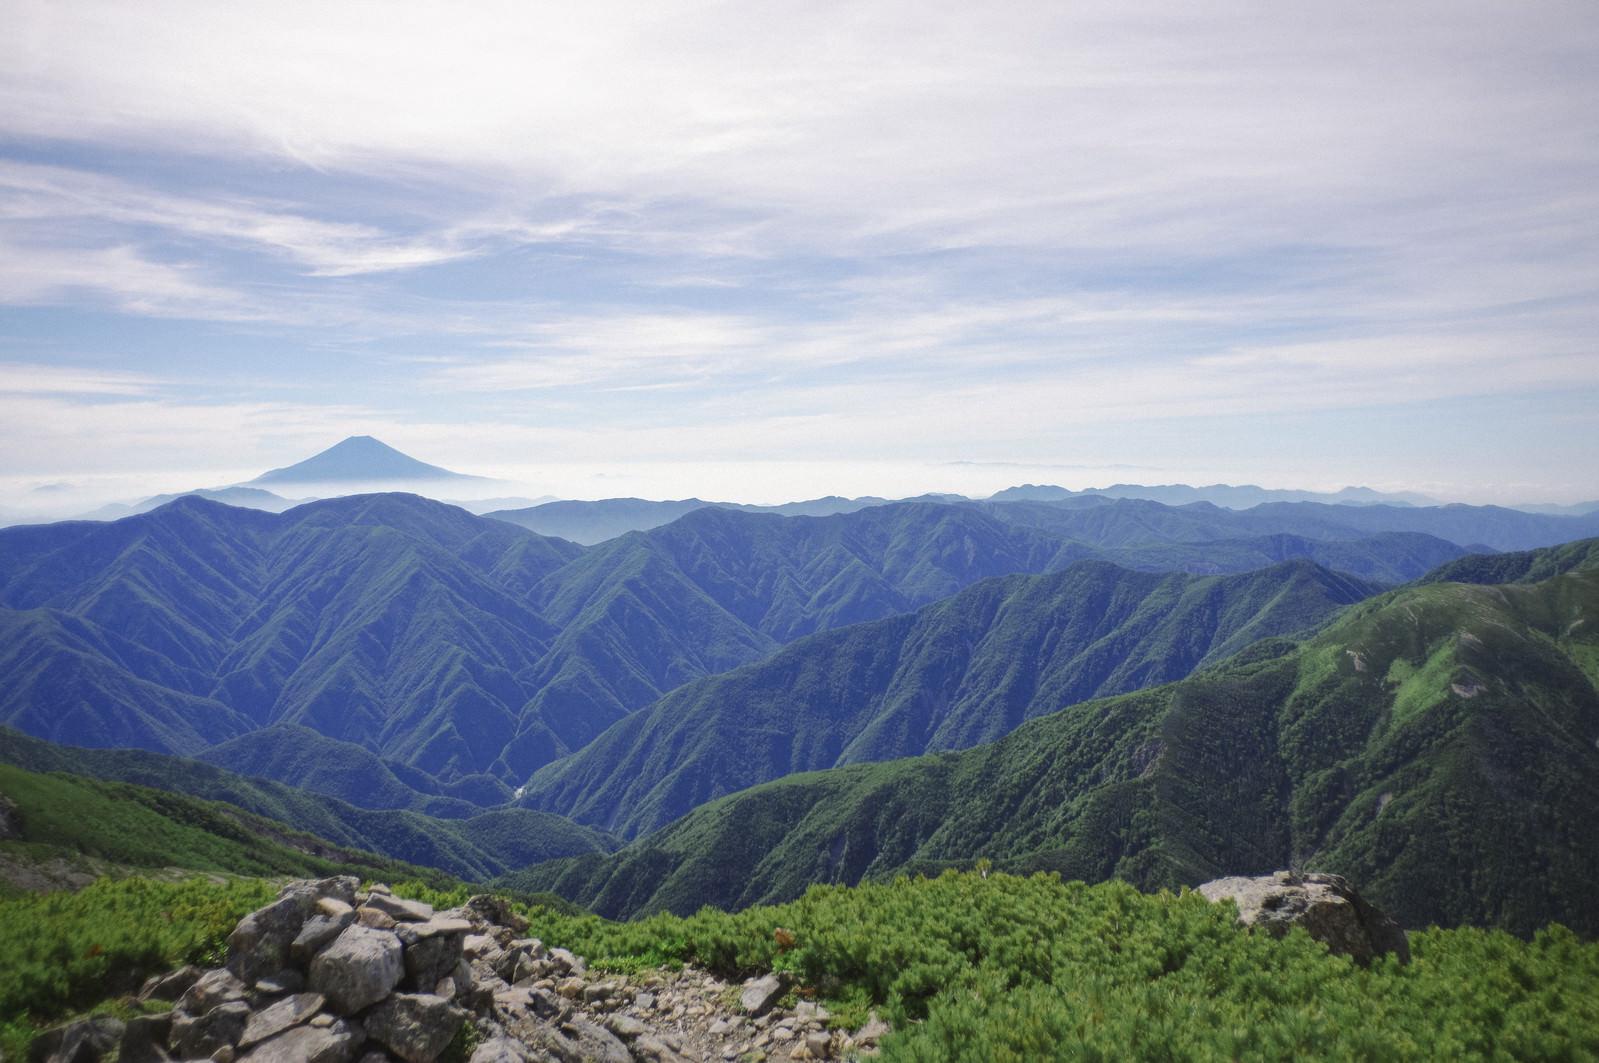 「聖岳山頂から見る南ア南部の山々の景色」の写真